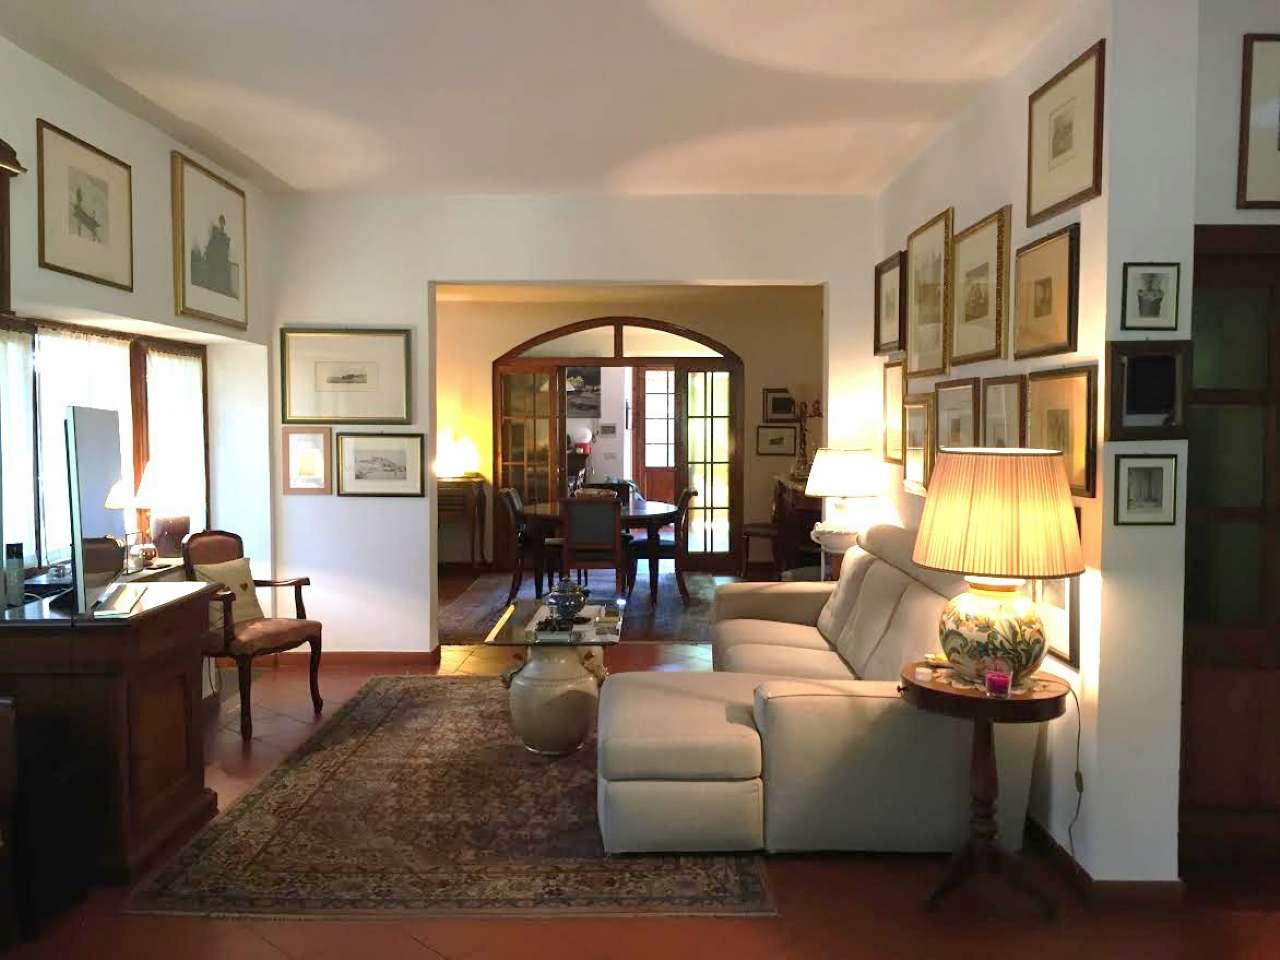 Rustico / Casale in vendita a Firenze, 6 locali, zona Zona: 6 . Collina sud, Galluzzo, Ponte a Ema, prezzo € 900.000   CambioCasa.it